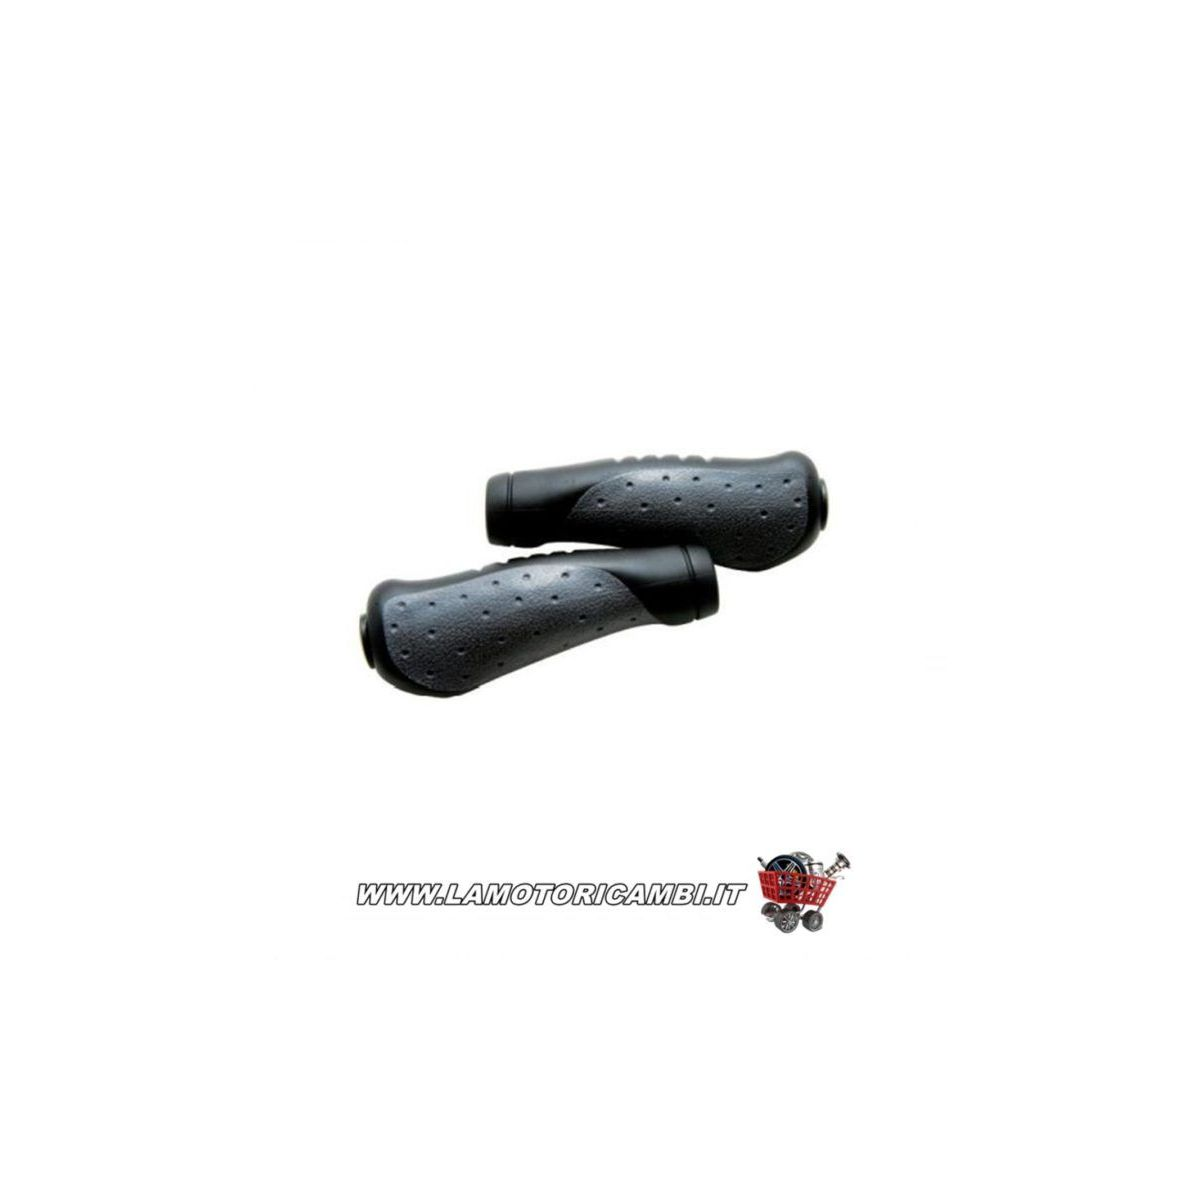 Coppia manopole per bicicletta nero/grigio 130mm.